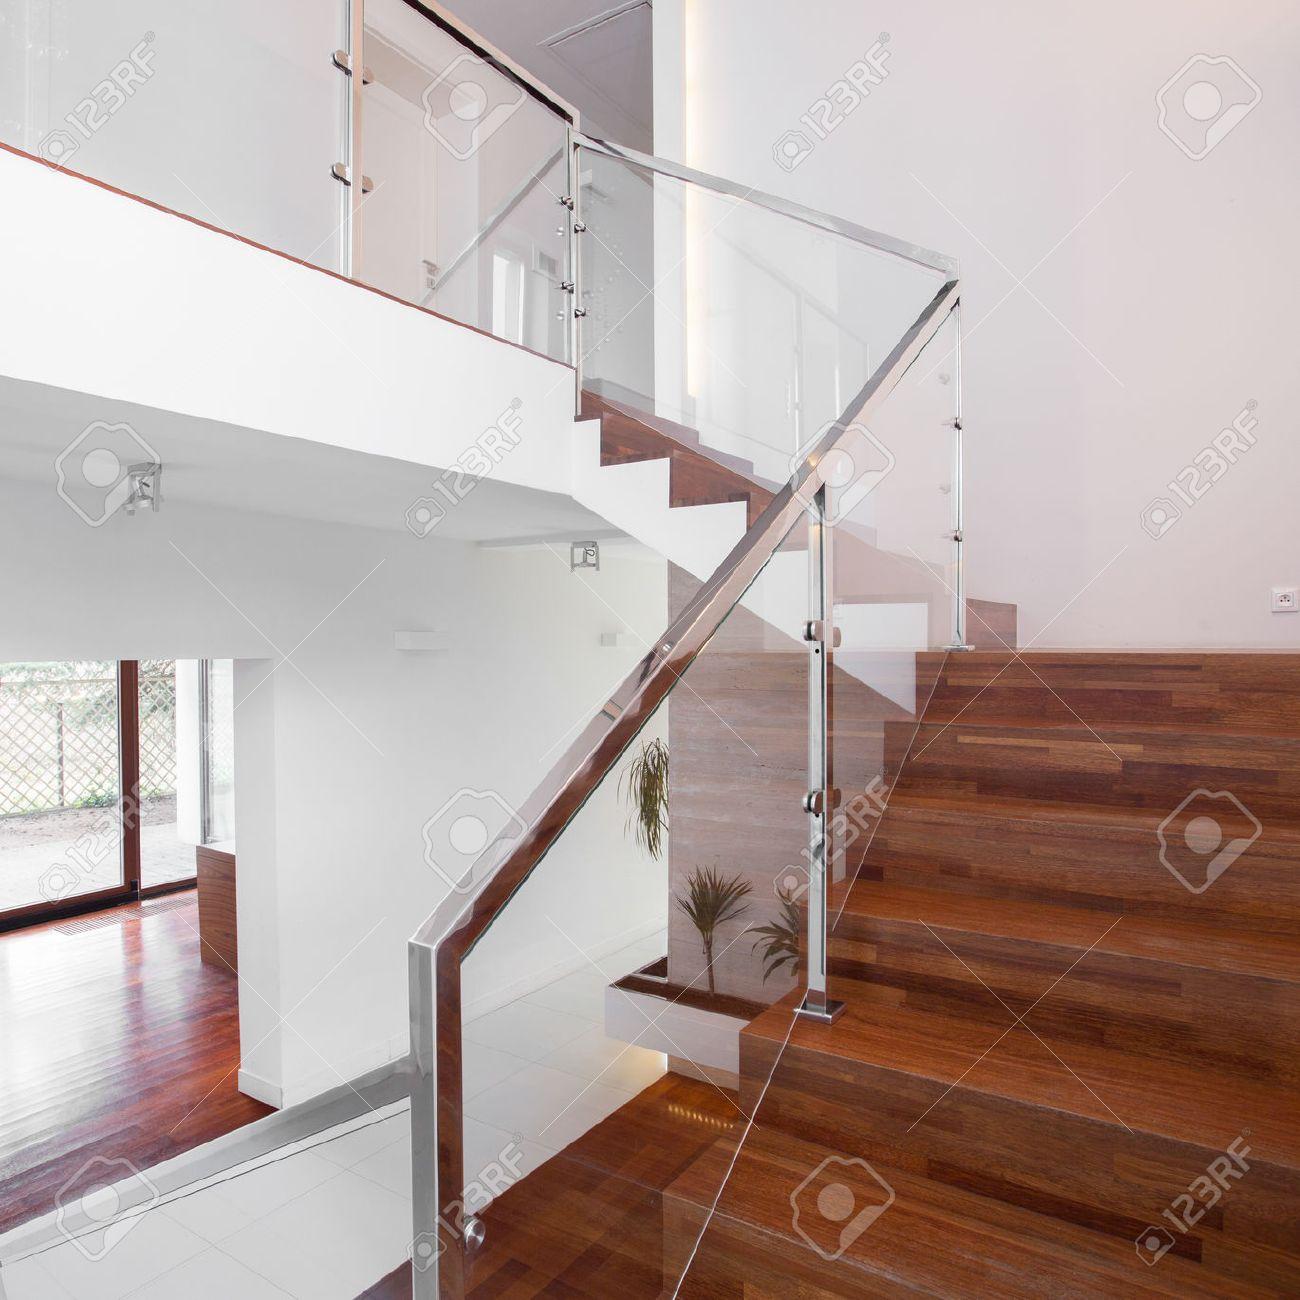 Imagen De Escaleras De Madera Solida Con Elegante Balaustrada De - Escaleras-de-cristal-y-madera